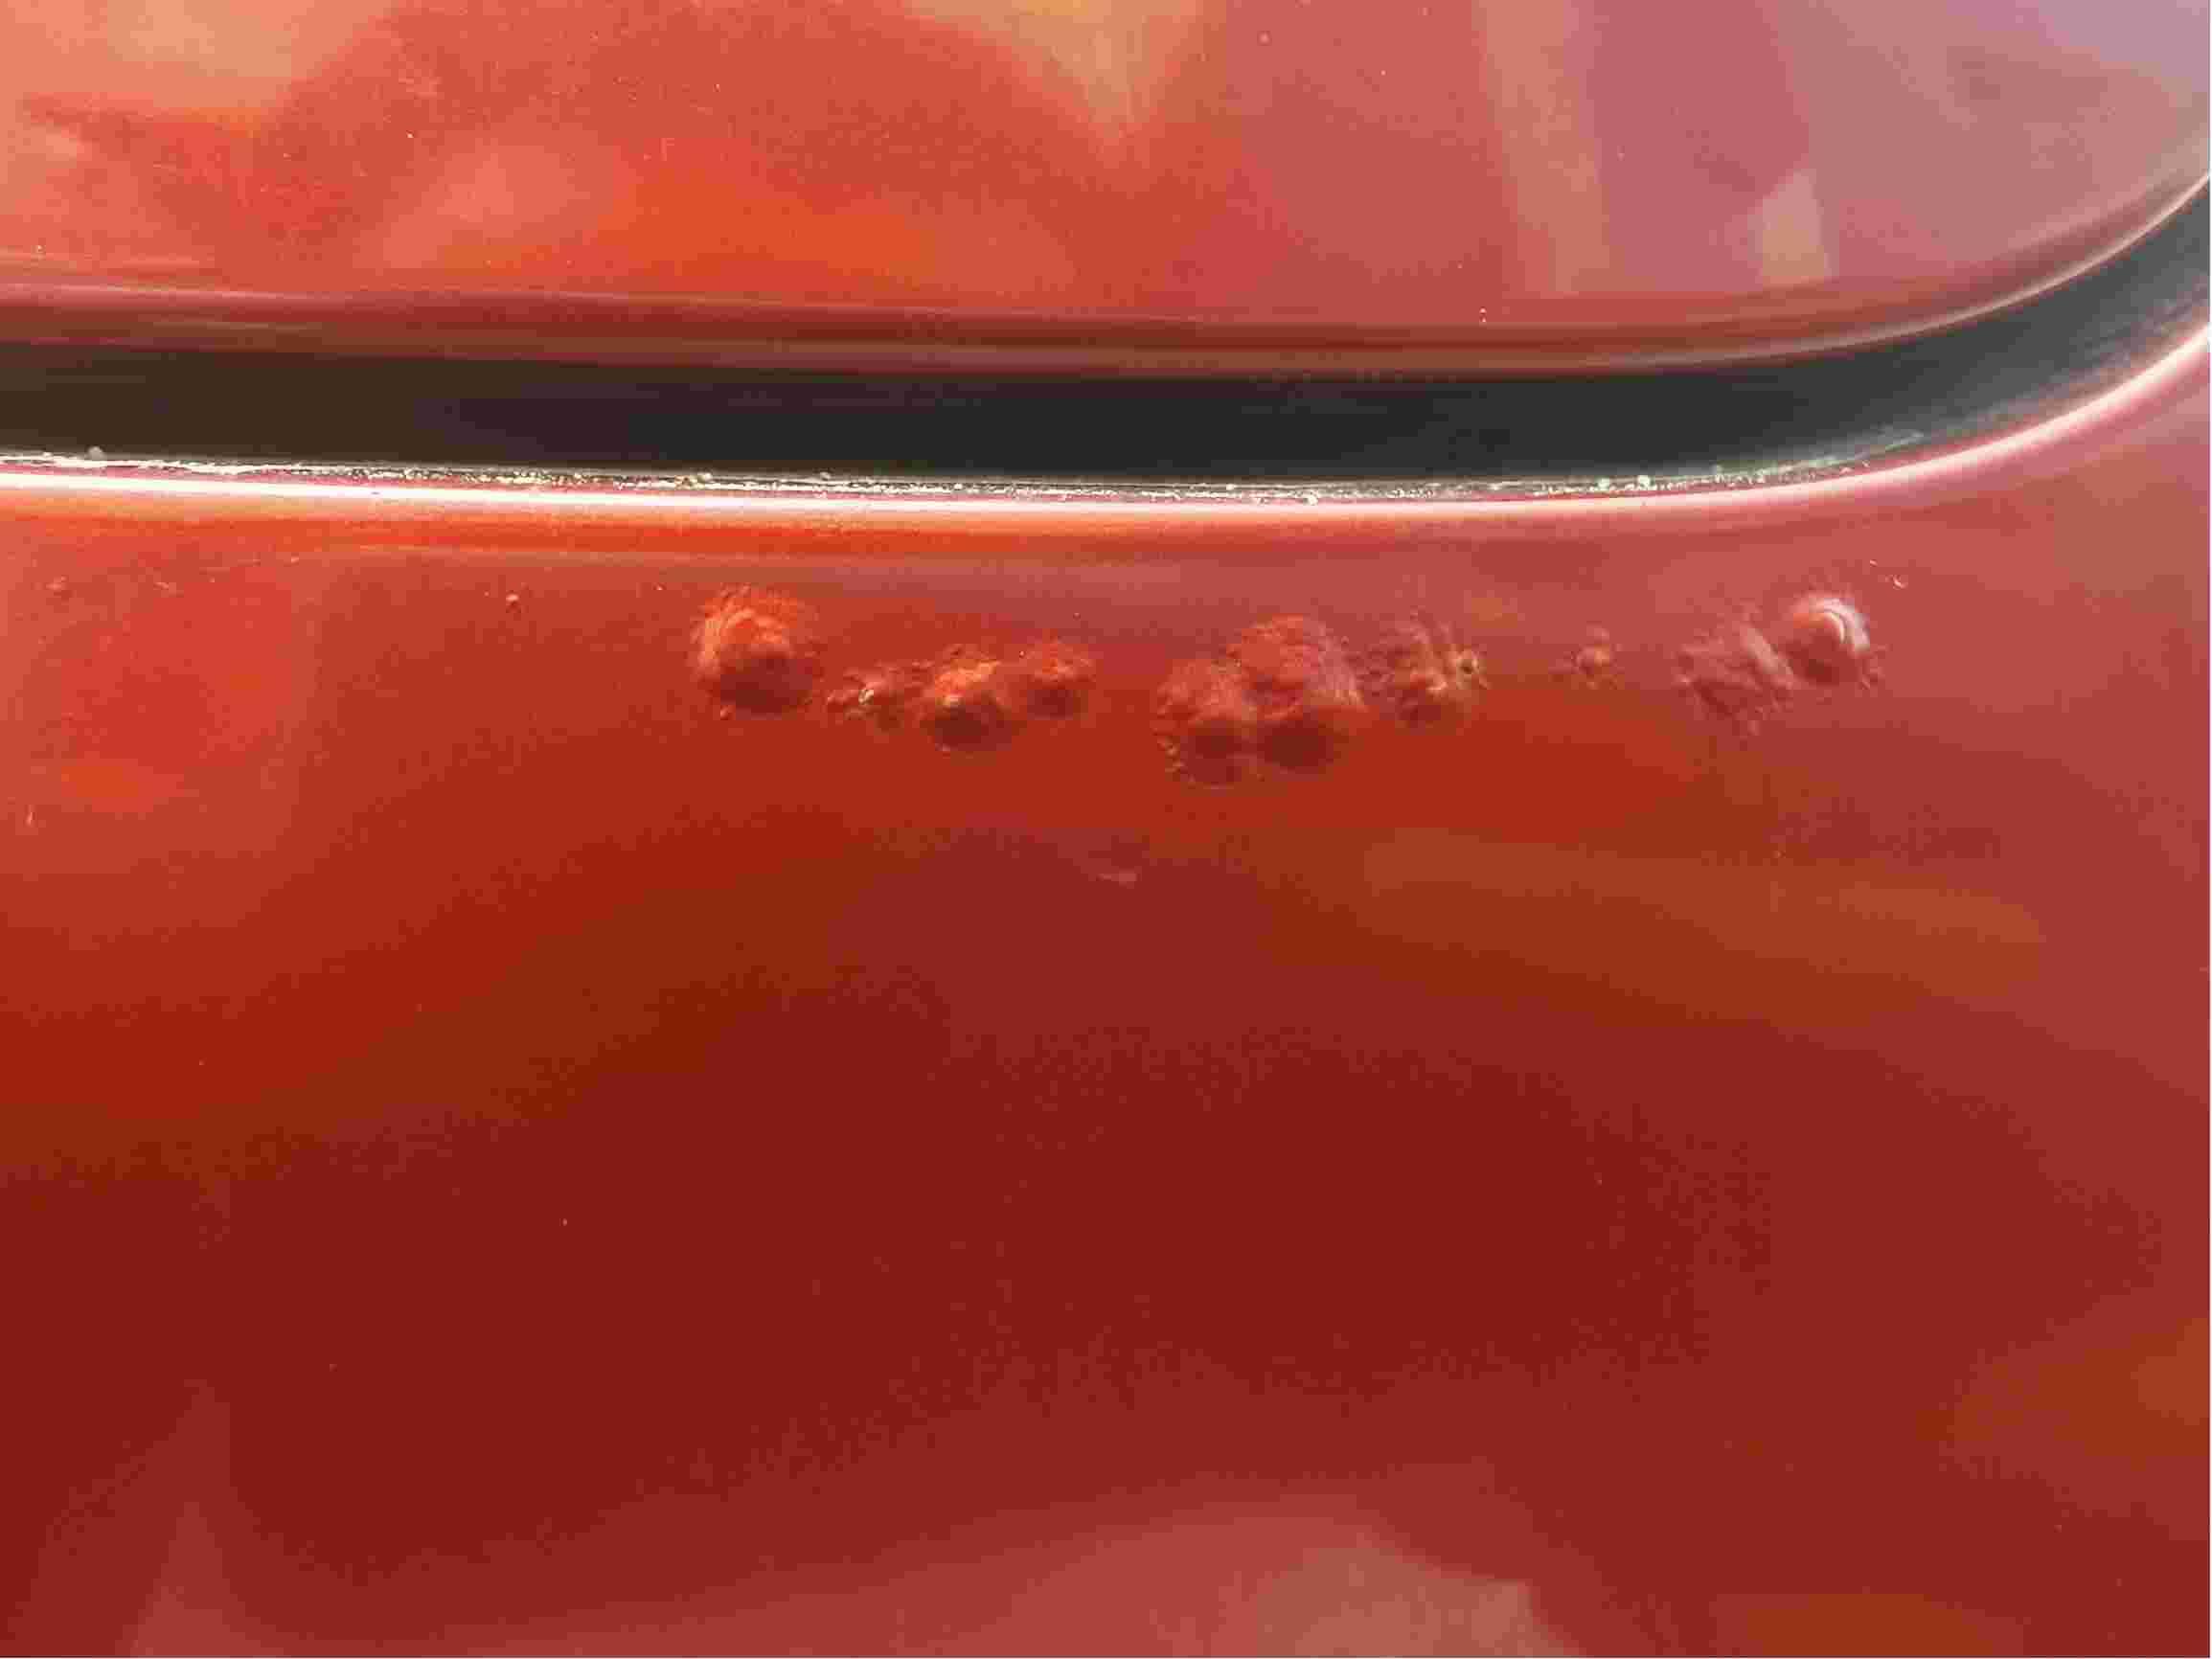 车价腐烂  车漆炸裂